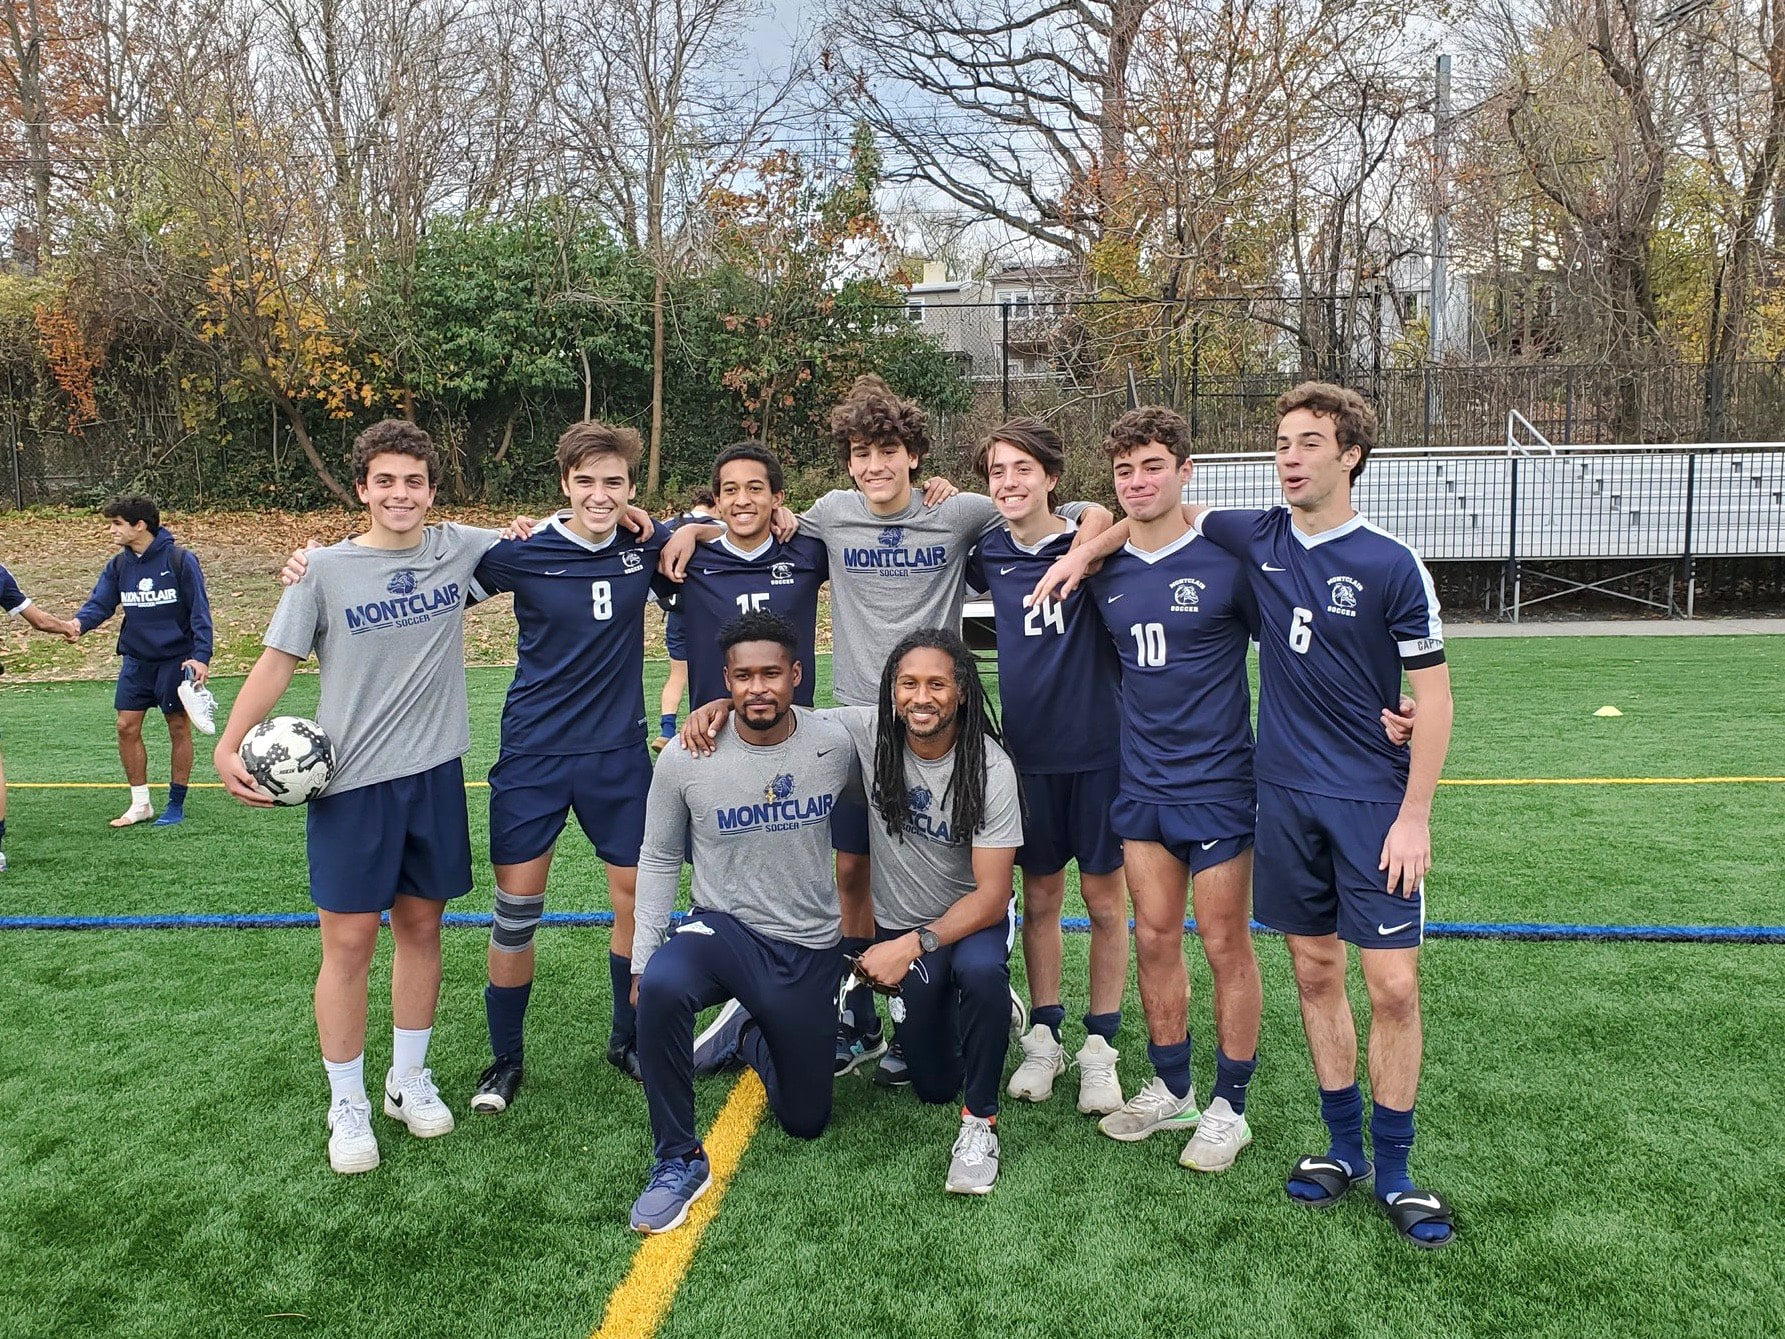 MHS boys' soccer group photo